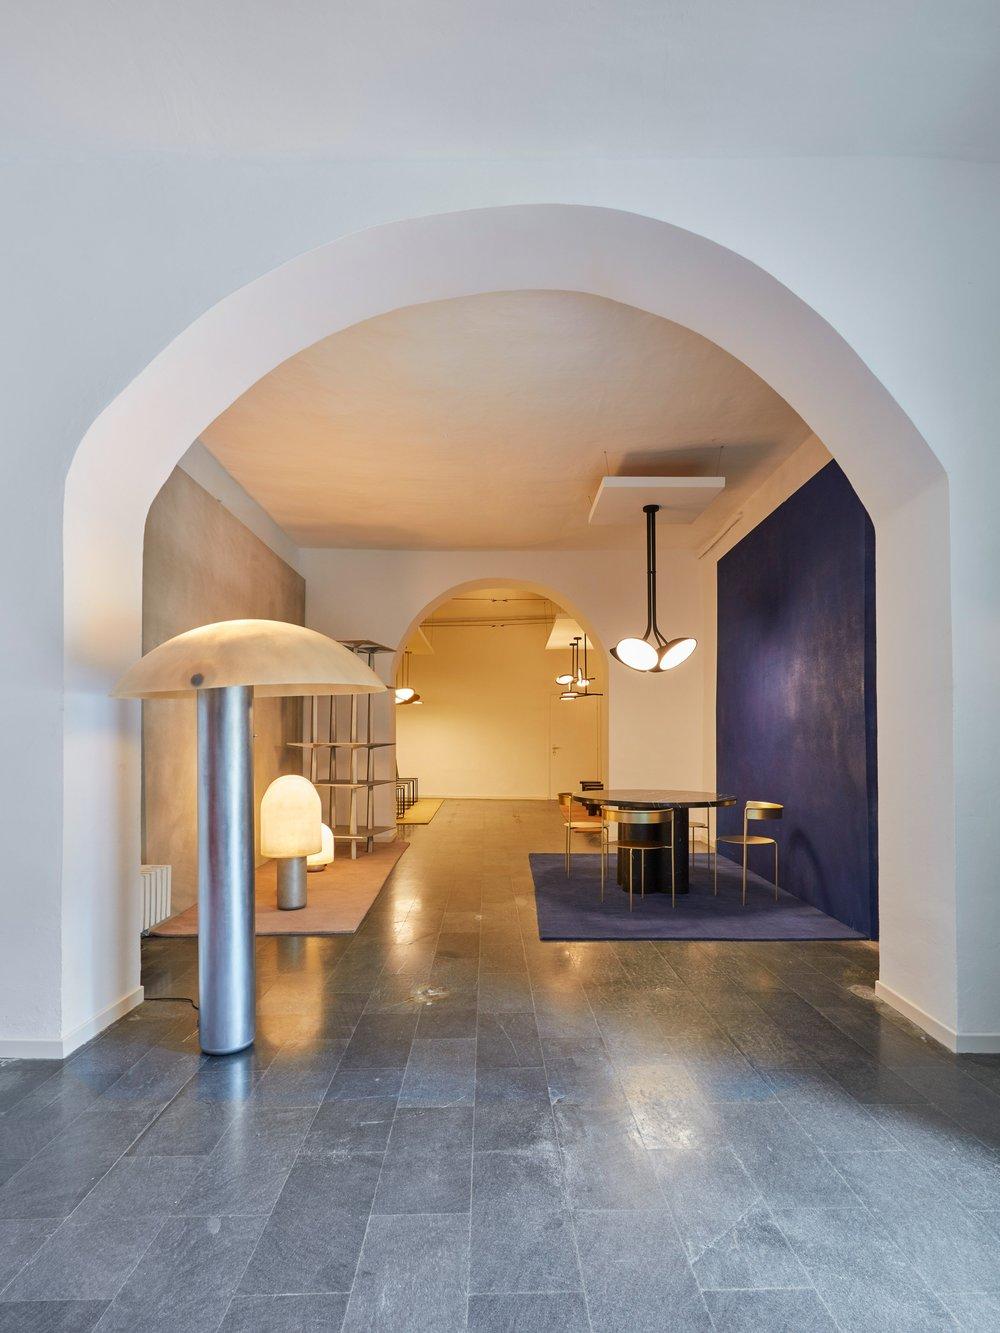 milan-matter-made-mmxvii-design-interiors-lighting-anniversary-magazine